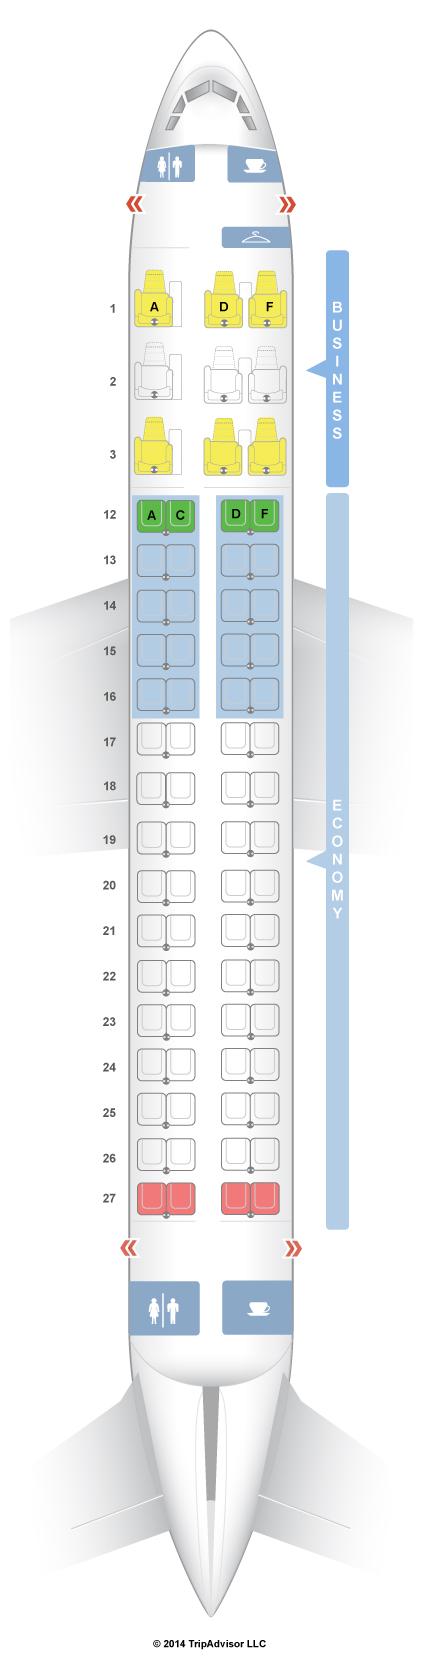 Seatguru seat map air canada embraer e 175 for Air canada pet in cabin